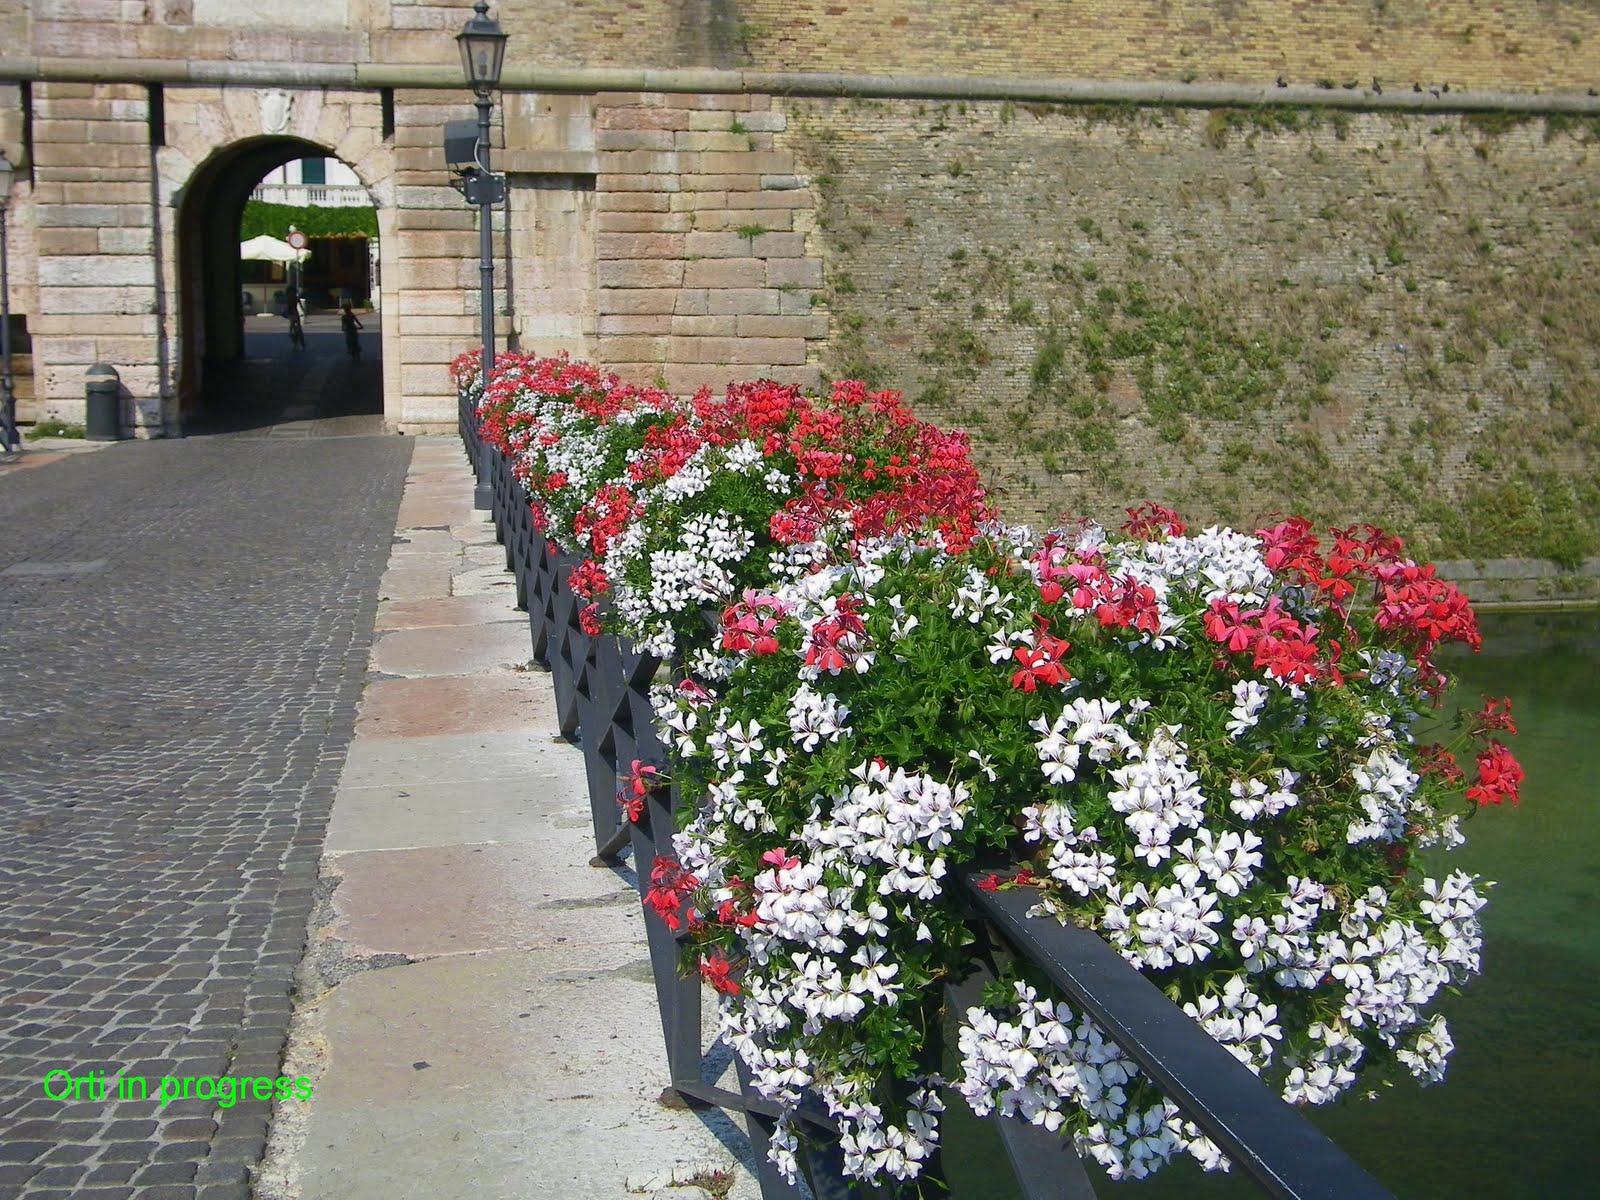 Orti in progress gerani tricolori a peschiera del garda for Fiori gerani